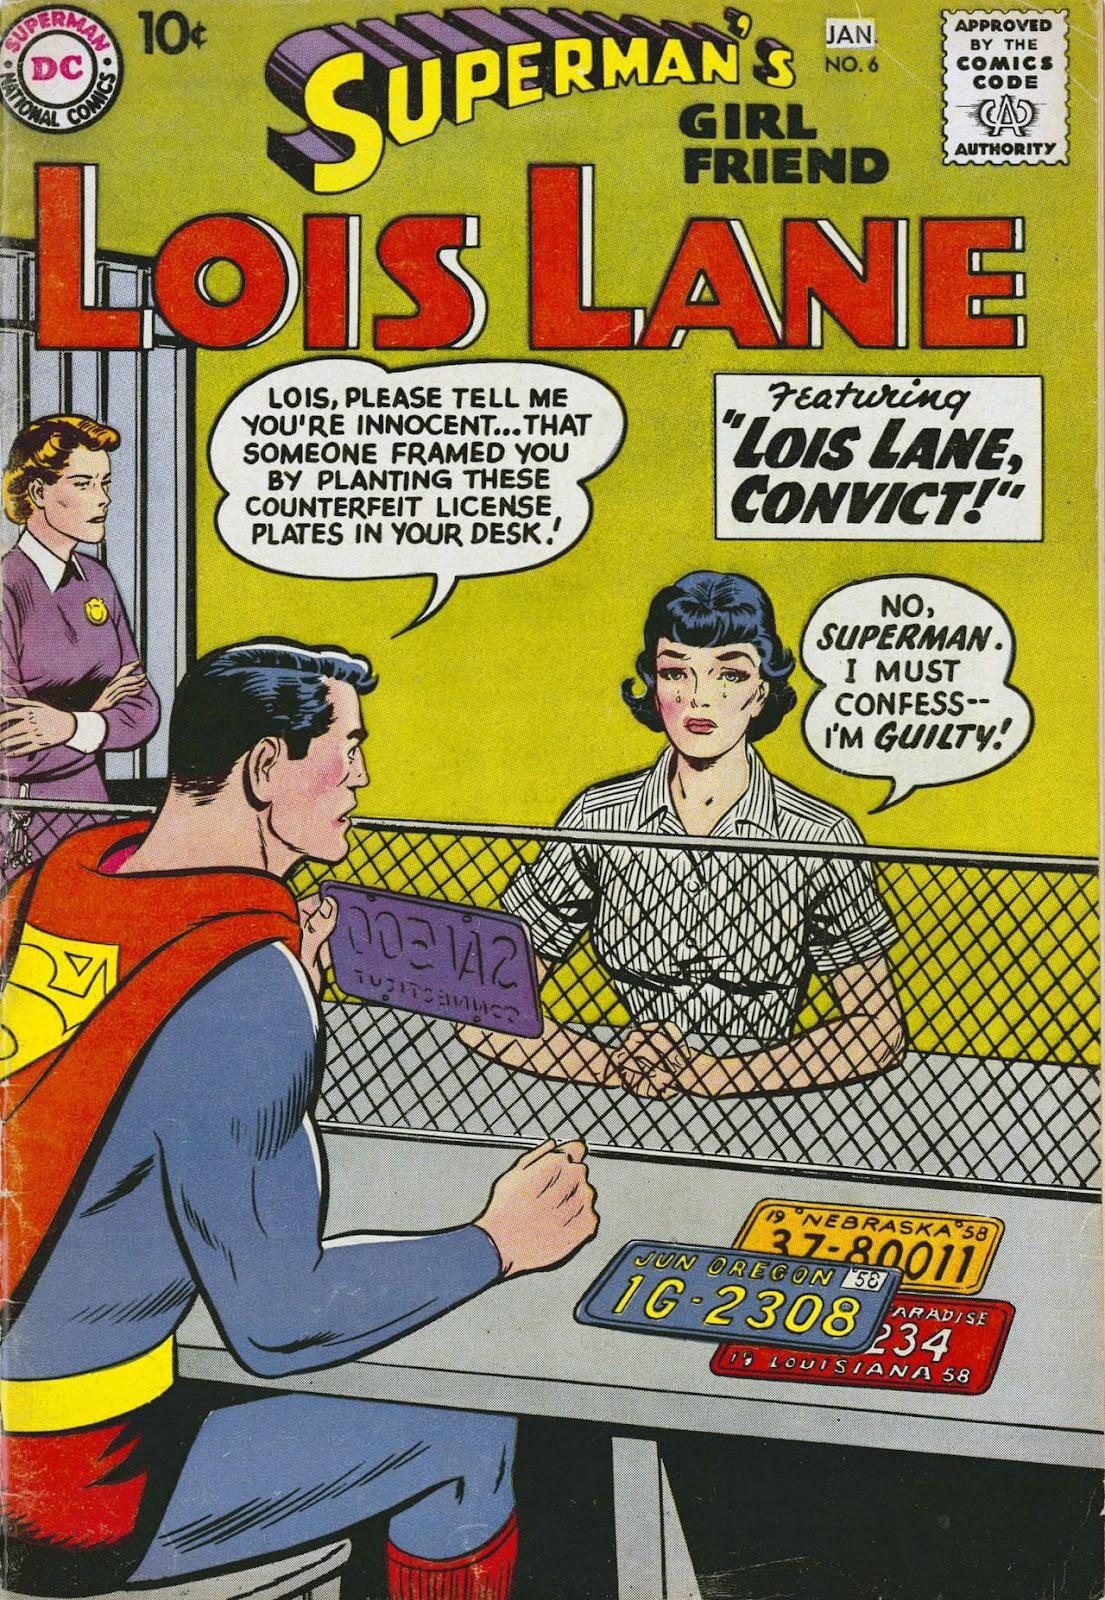 Supermans Girl Friend, Lois Lane 6 Page 1